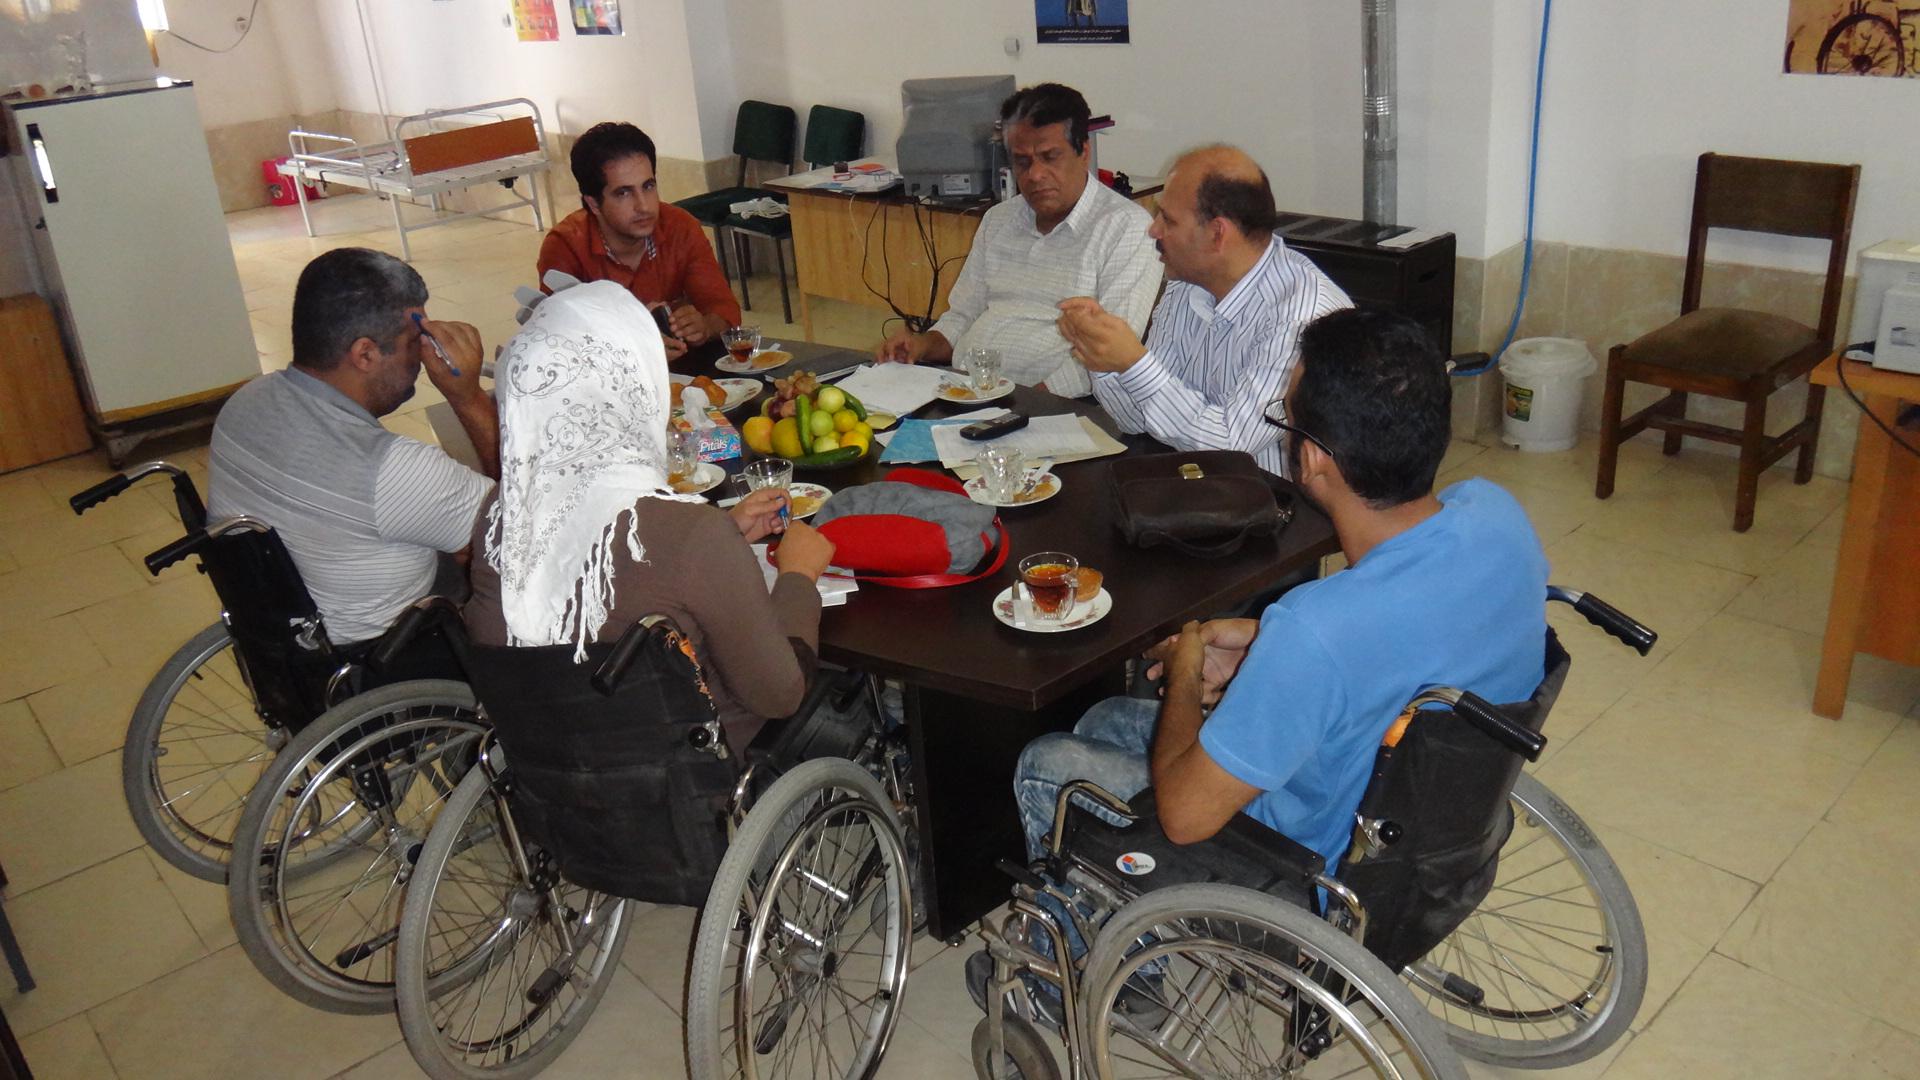 دفتر ازدواج مازندران انجمن معلولین ضایعه نخاعی استان مازندران